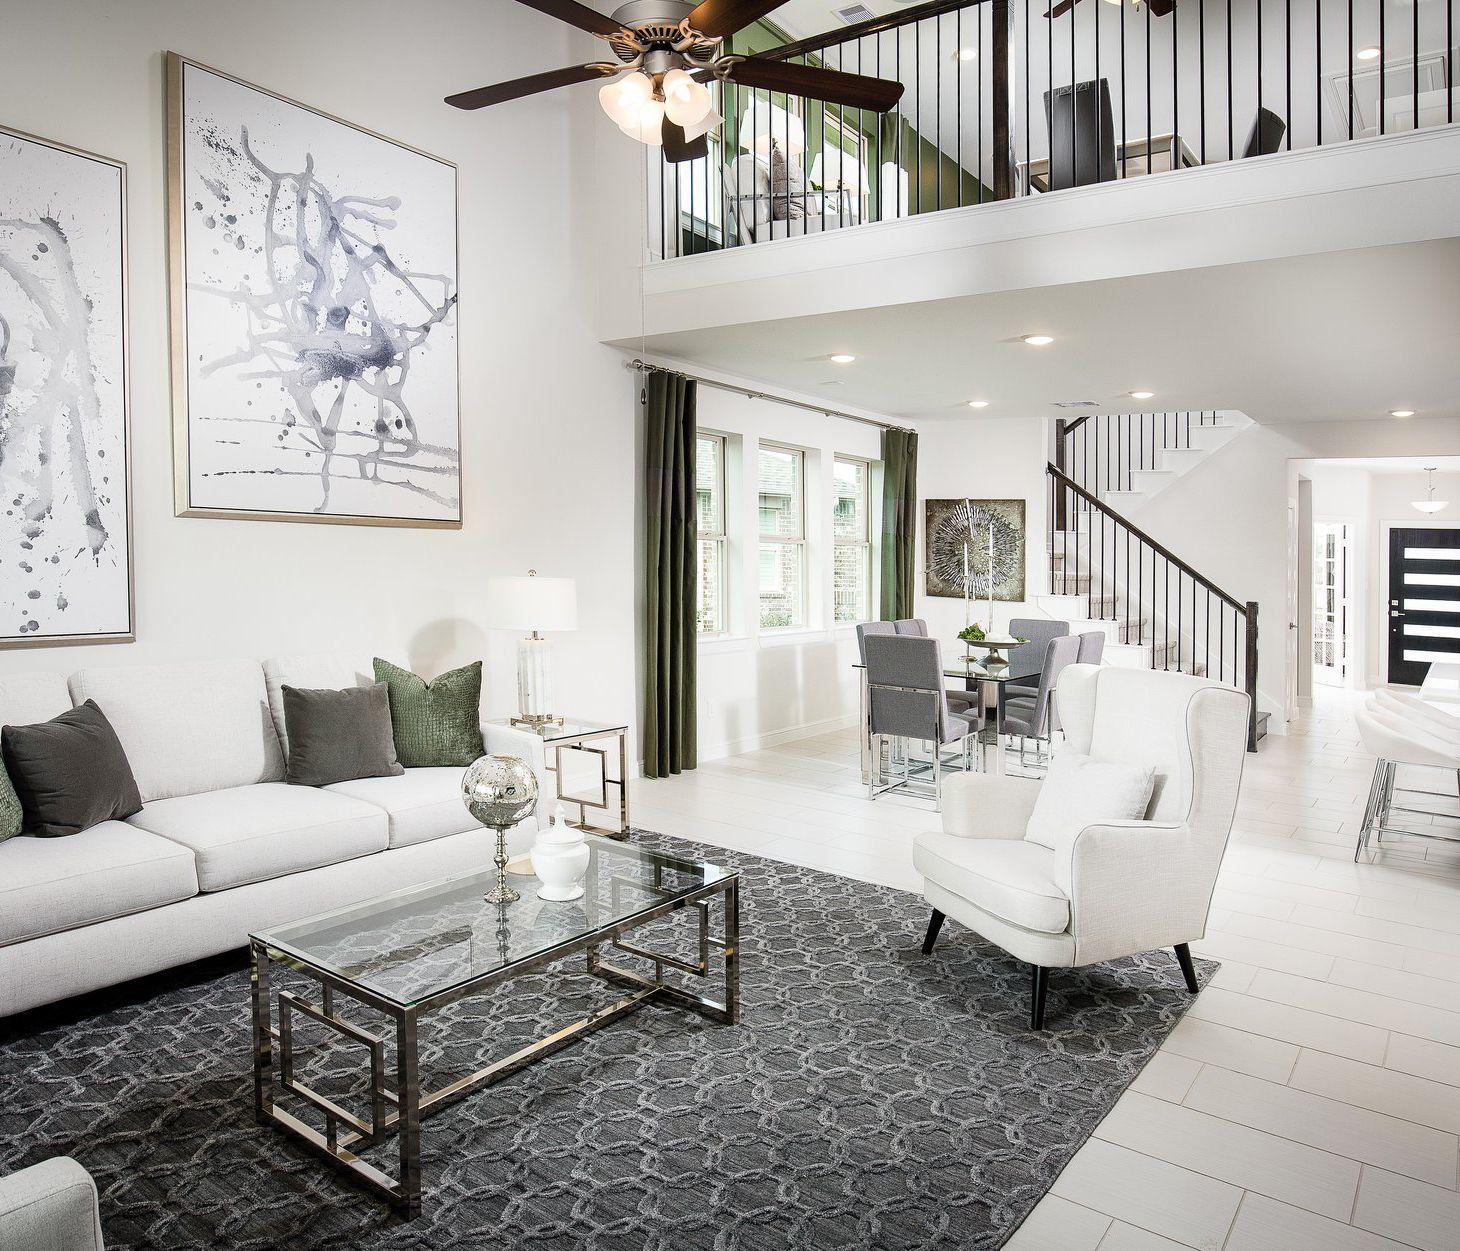 Tile Carpet Or Hardwood Floors Open Concept Living Room Home New Homes #white #flooring #for #living #room